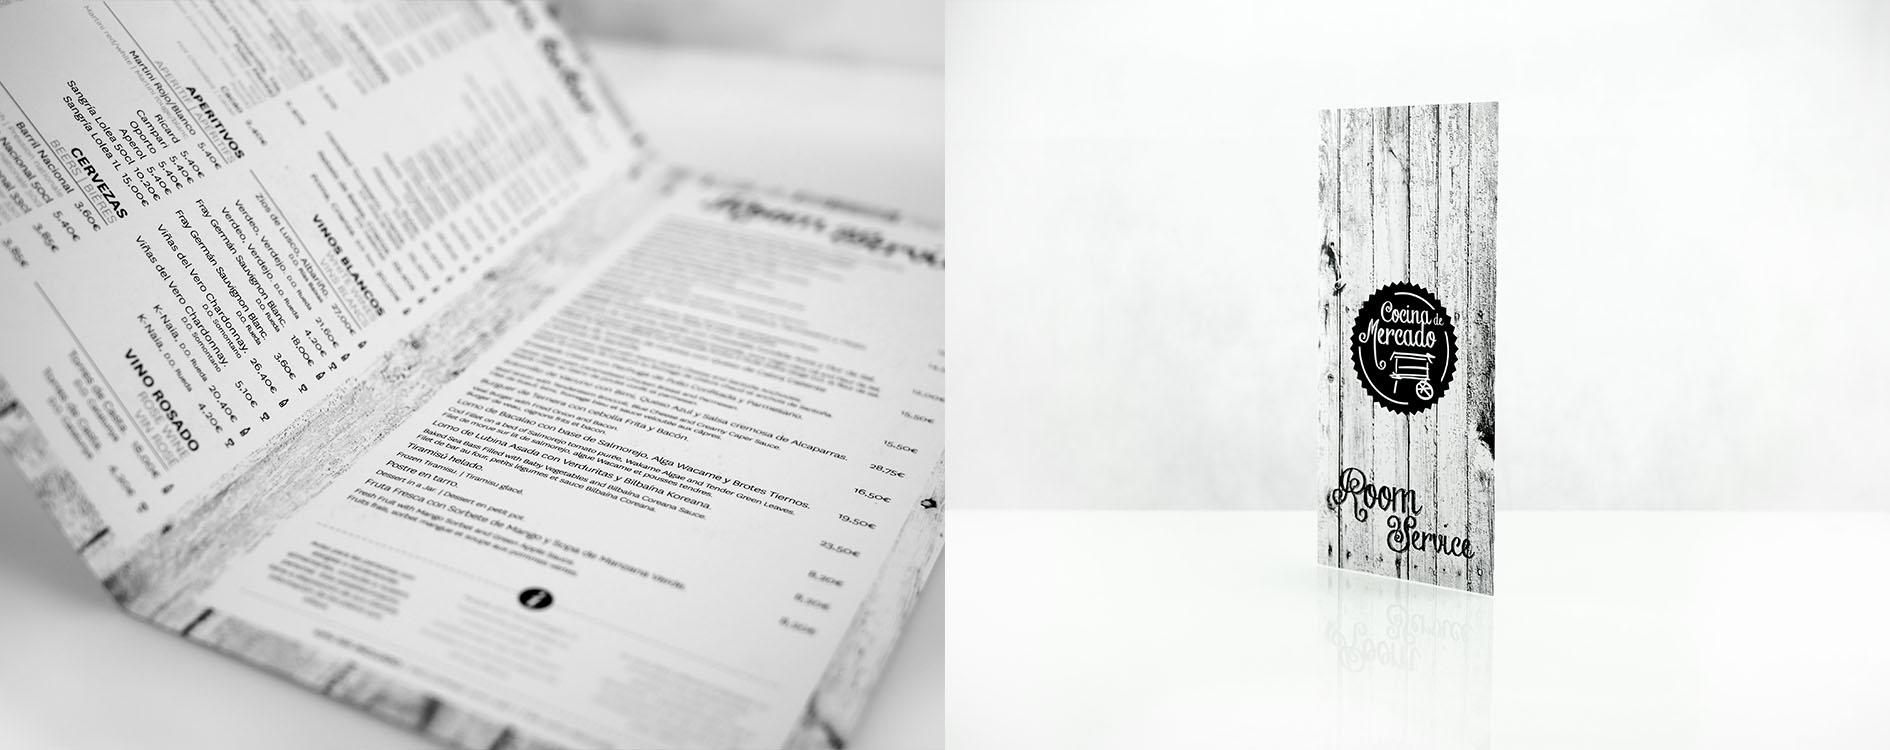 Proyecto de diseño gráfico para Novotel, cocina de mercado para España y Portugal